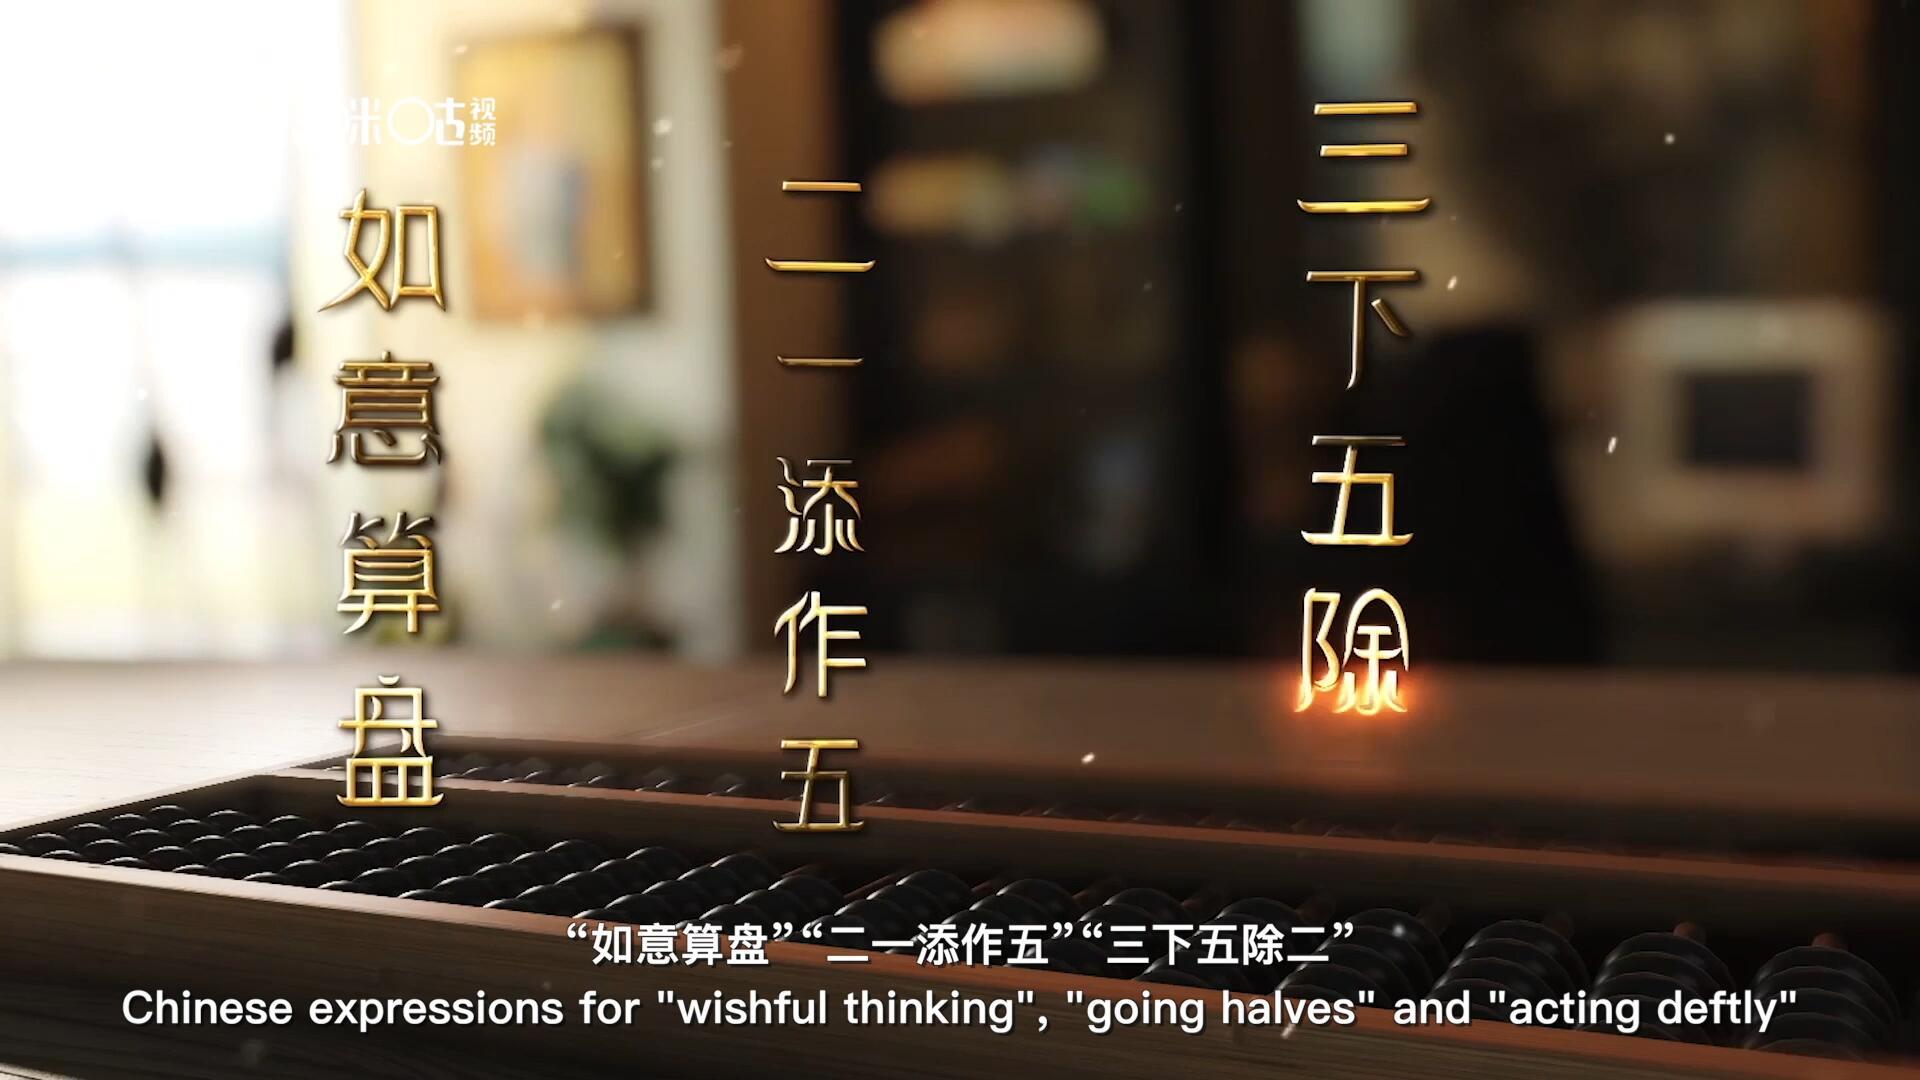 """从""""打算盘""""里衍生出的词汇和习俗,早已深深镌刻在中国人的文化基因之中"""